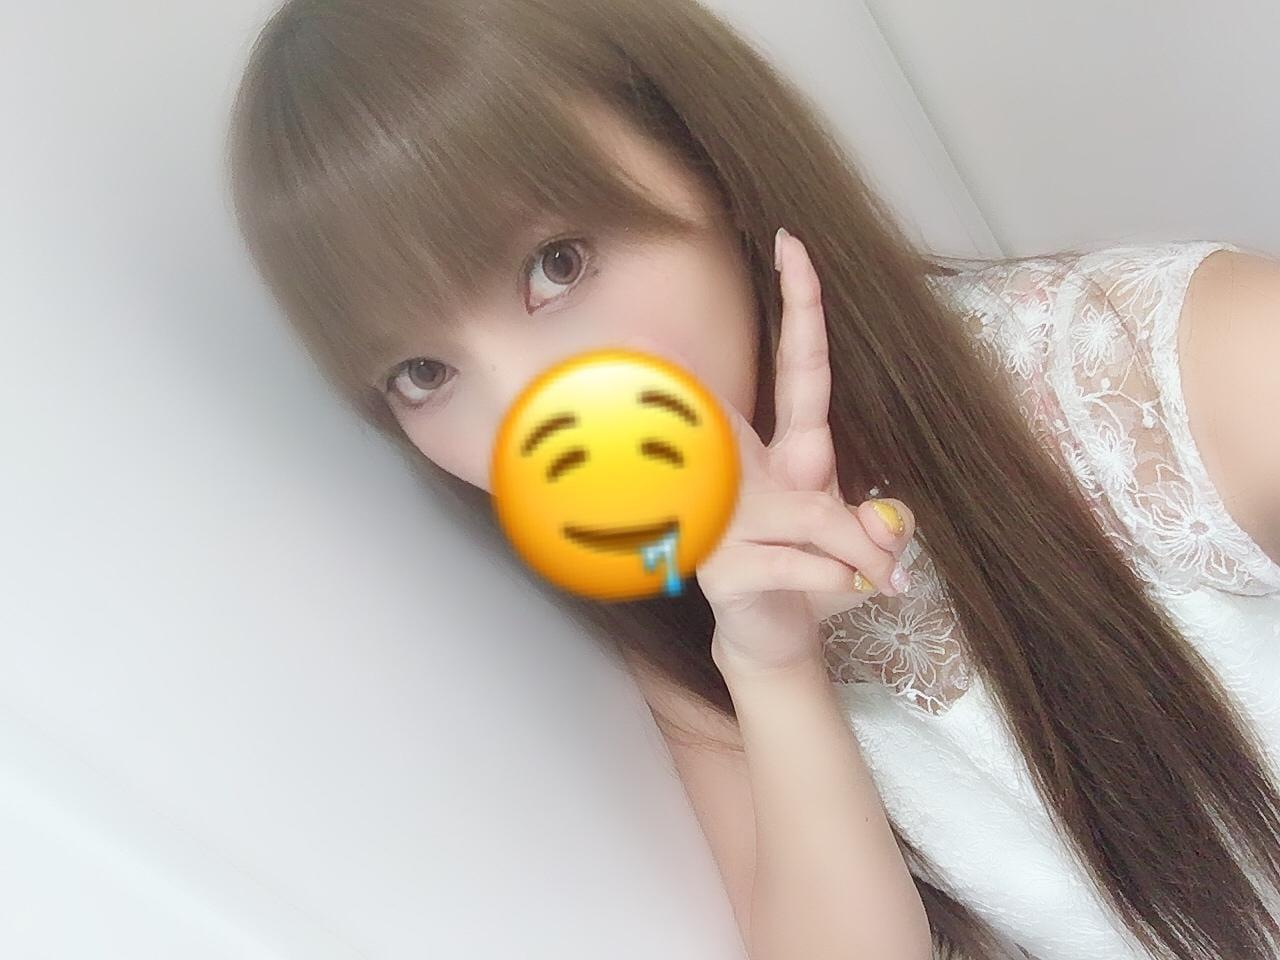 「号泣しました」06/22(06/22) 18:33 | かよの写メ・風俗動画